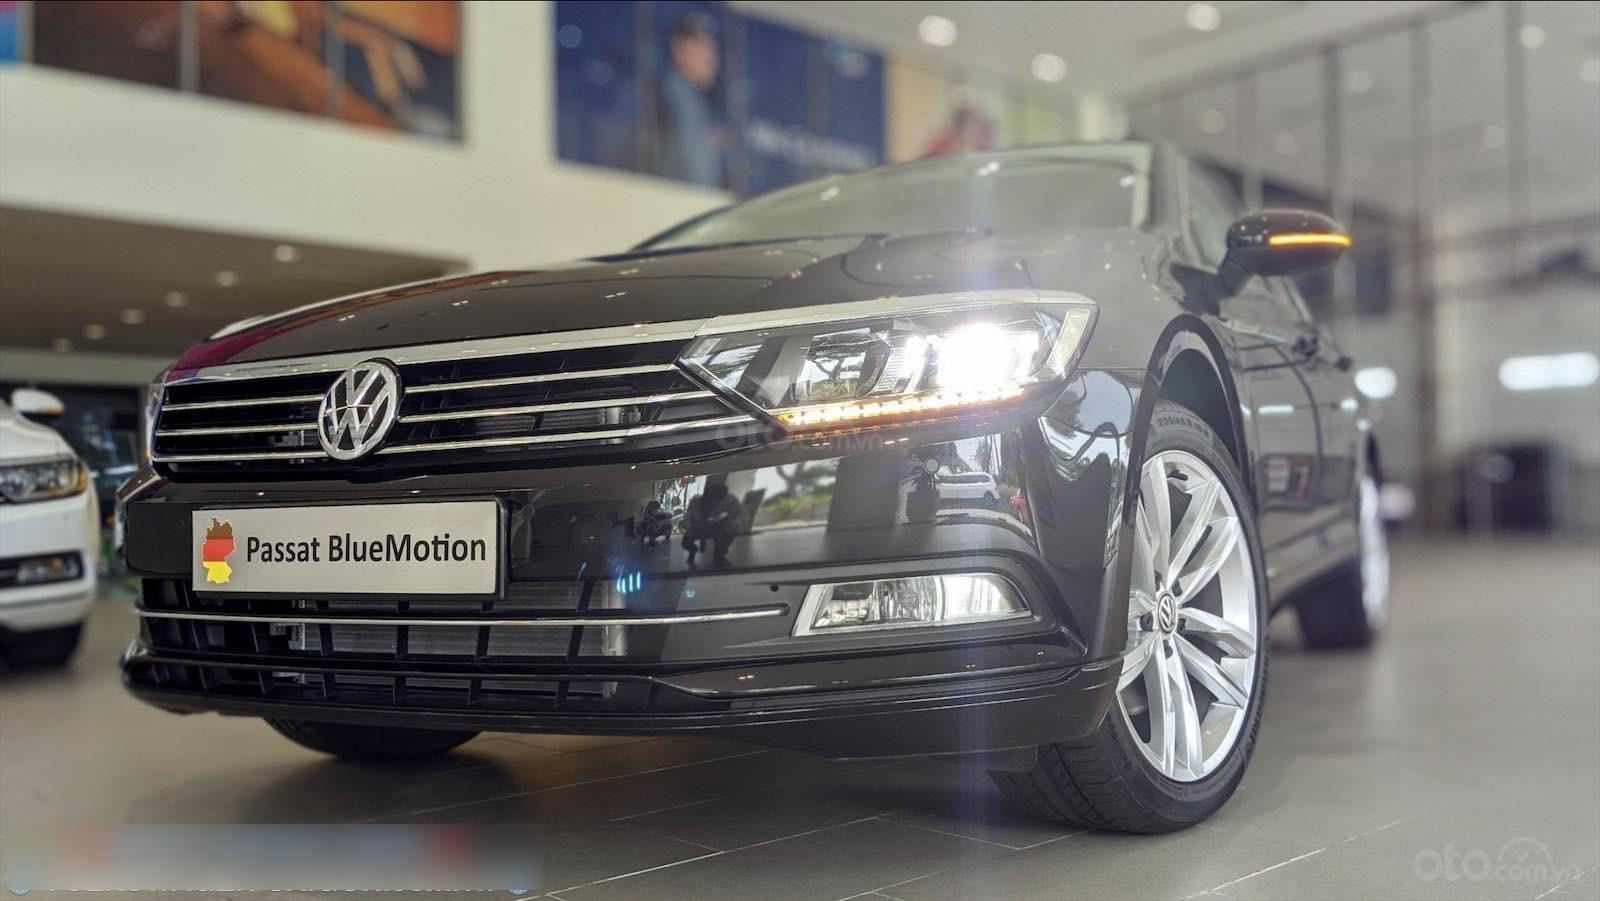 Còn 1 chiếc Passat Bluemotion 2020 màu đen duy nhất - mua xe nhập giá bất ngờ - liên hệ Mr Hùng Lâm VW Sài Gòn (2)